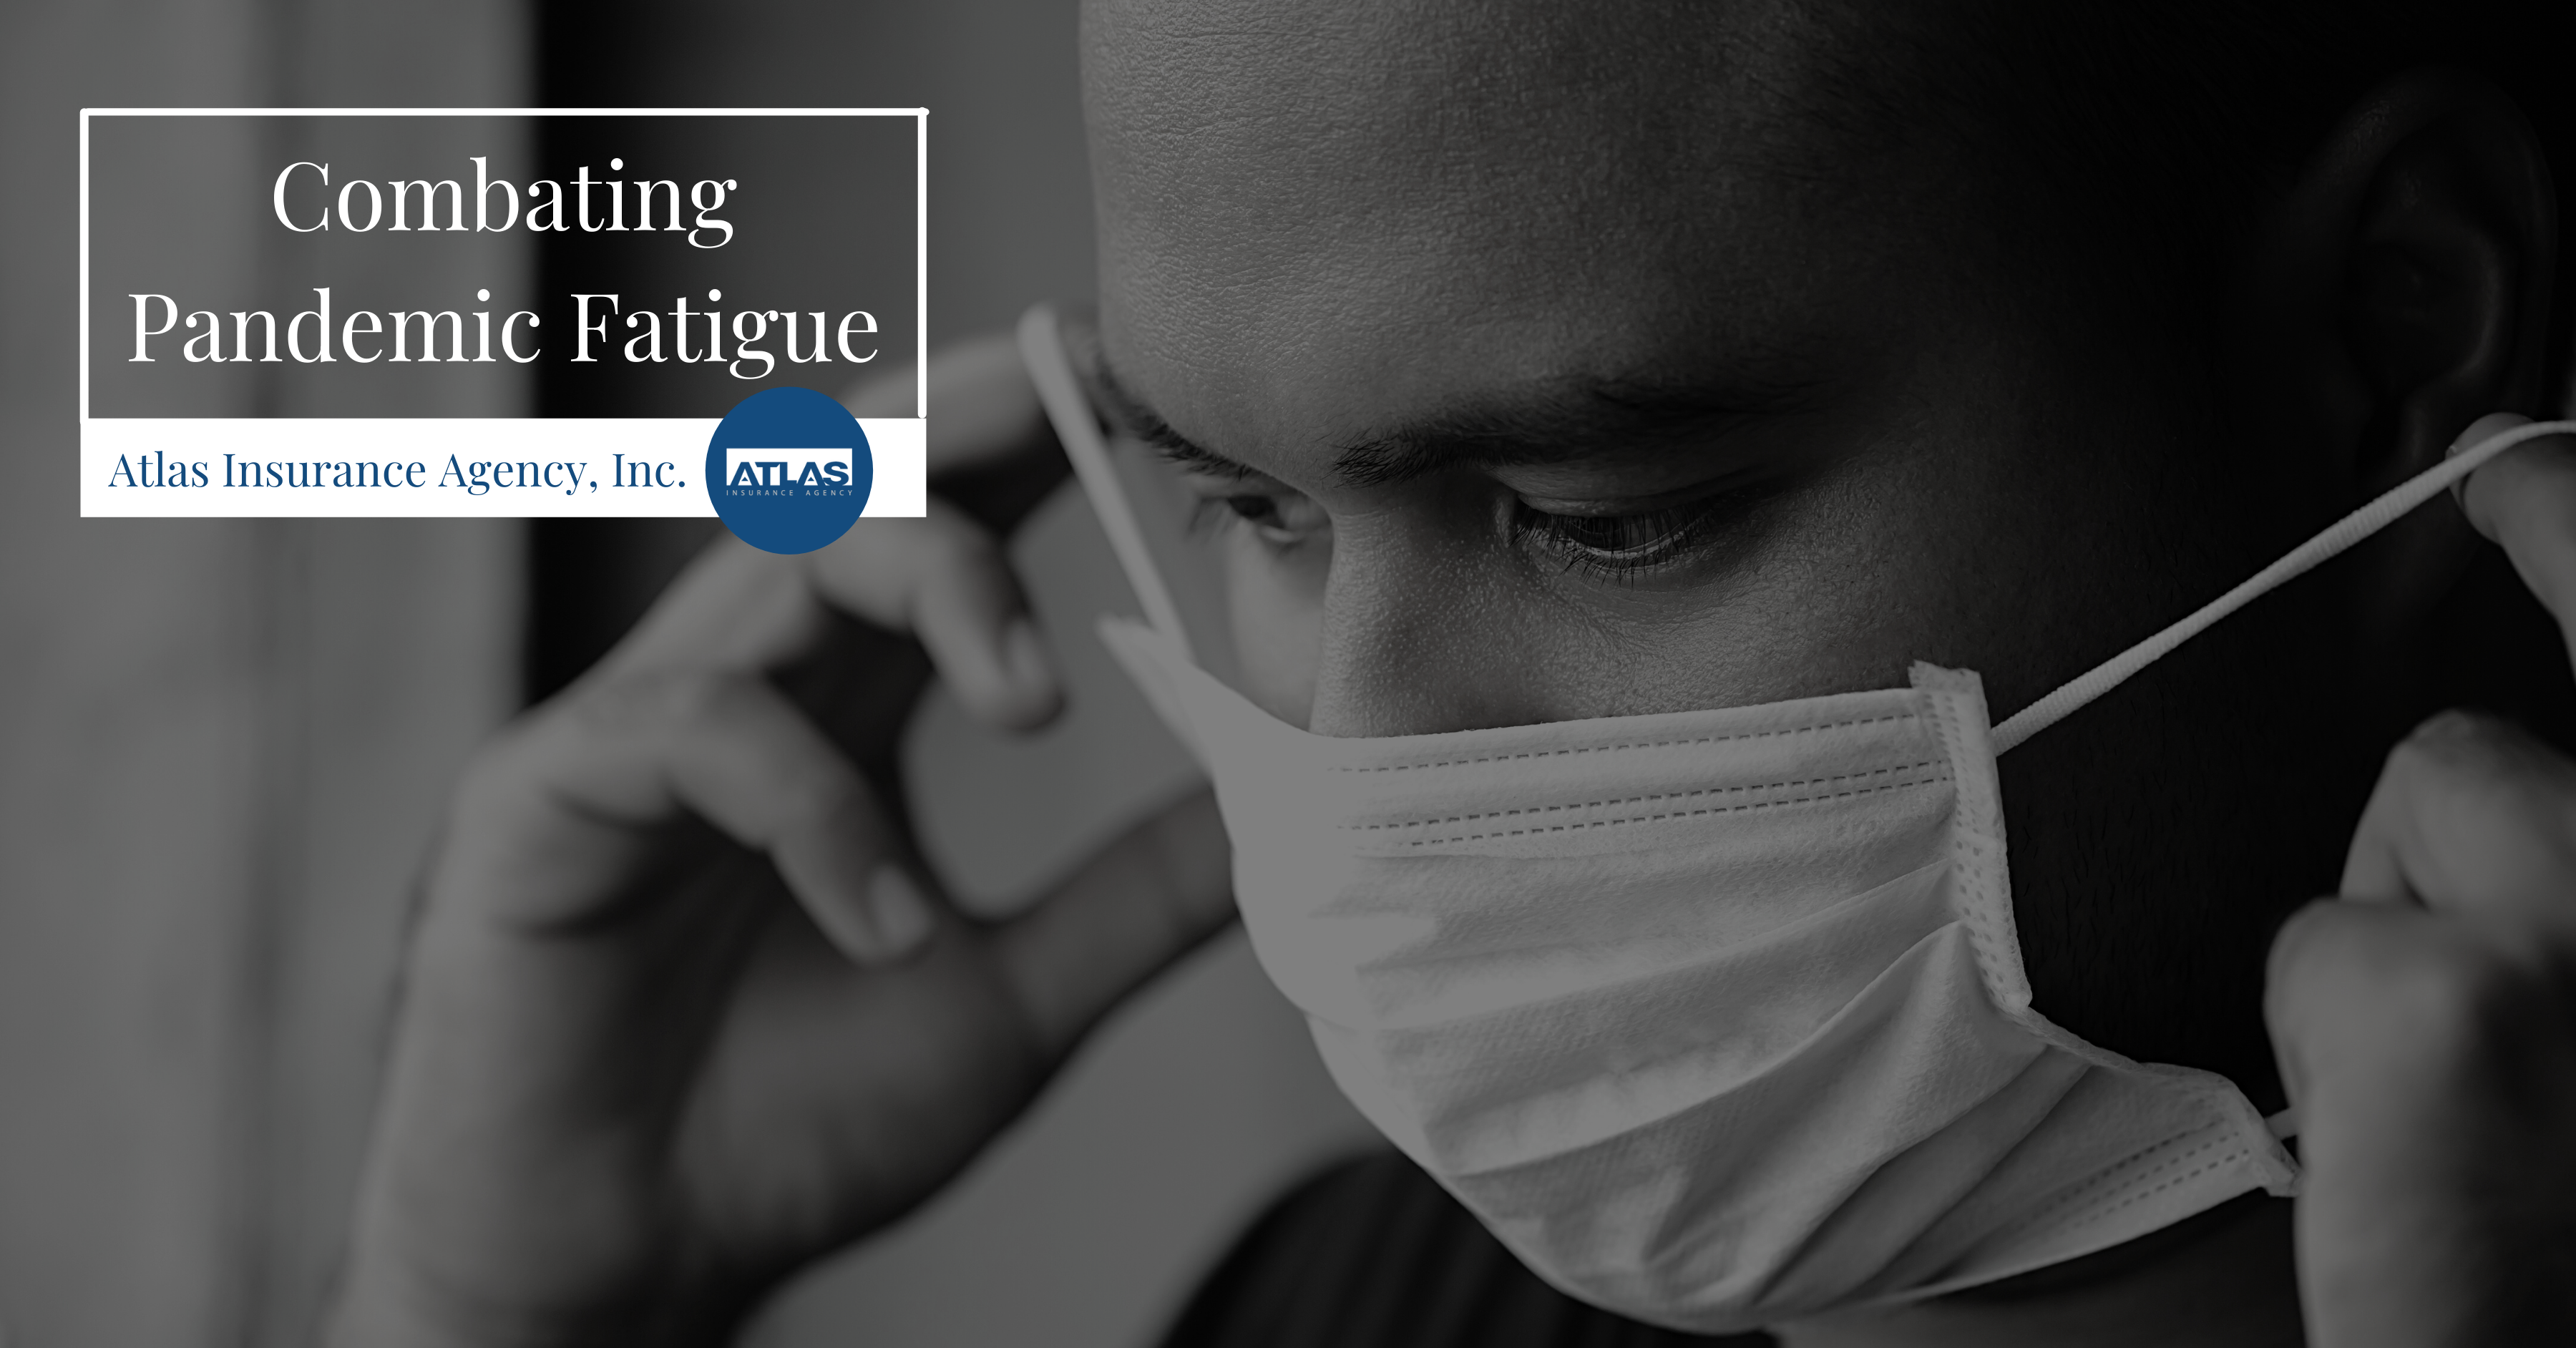 Combating Pandemic Fatigue